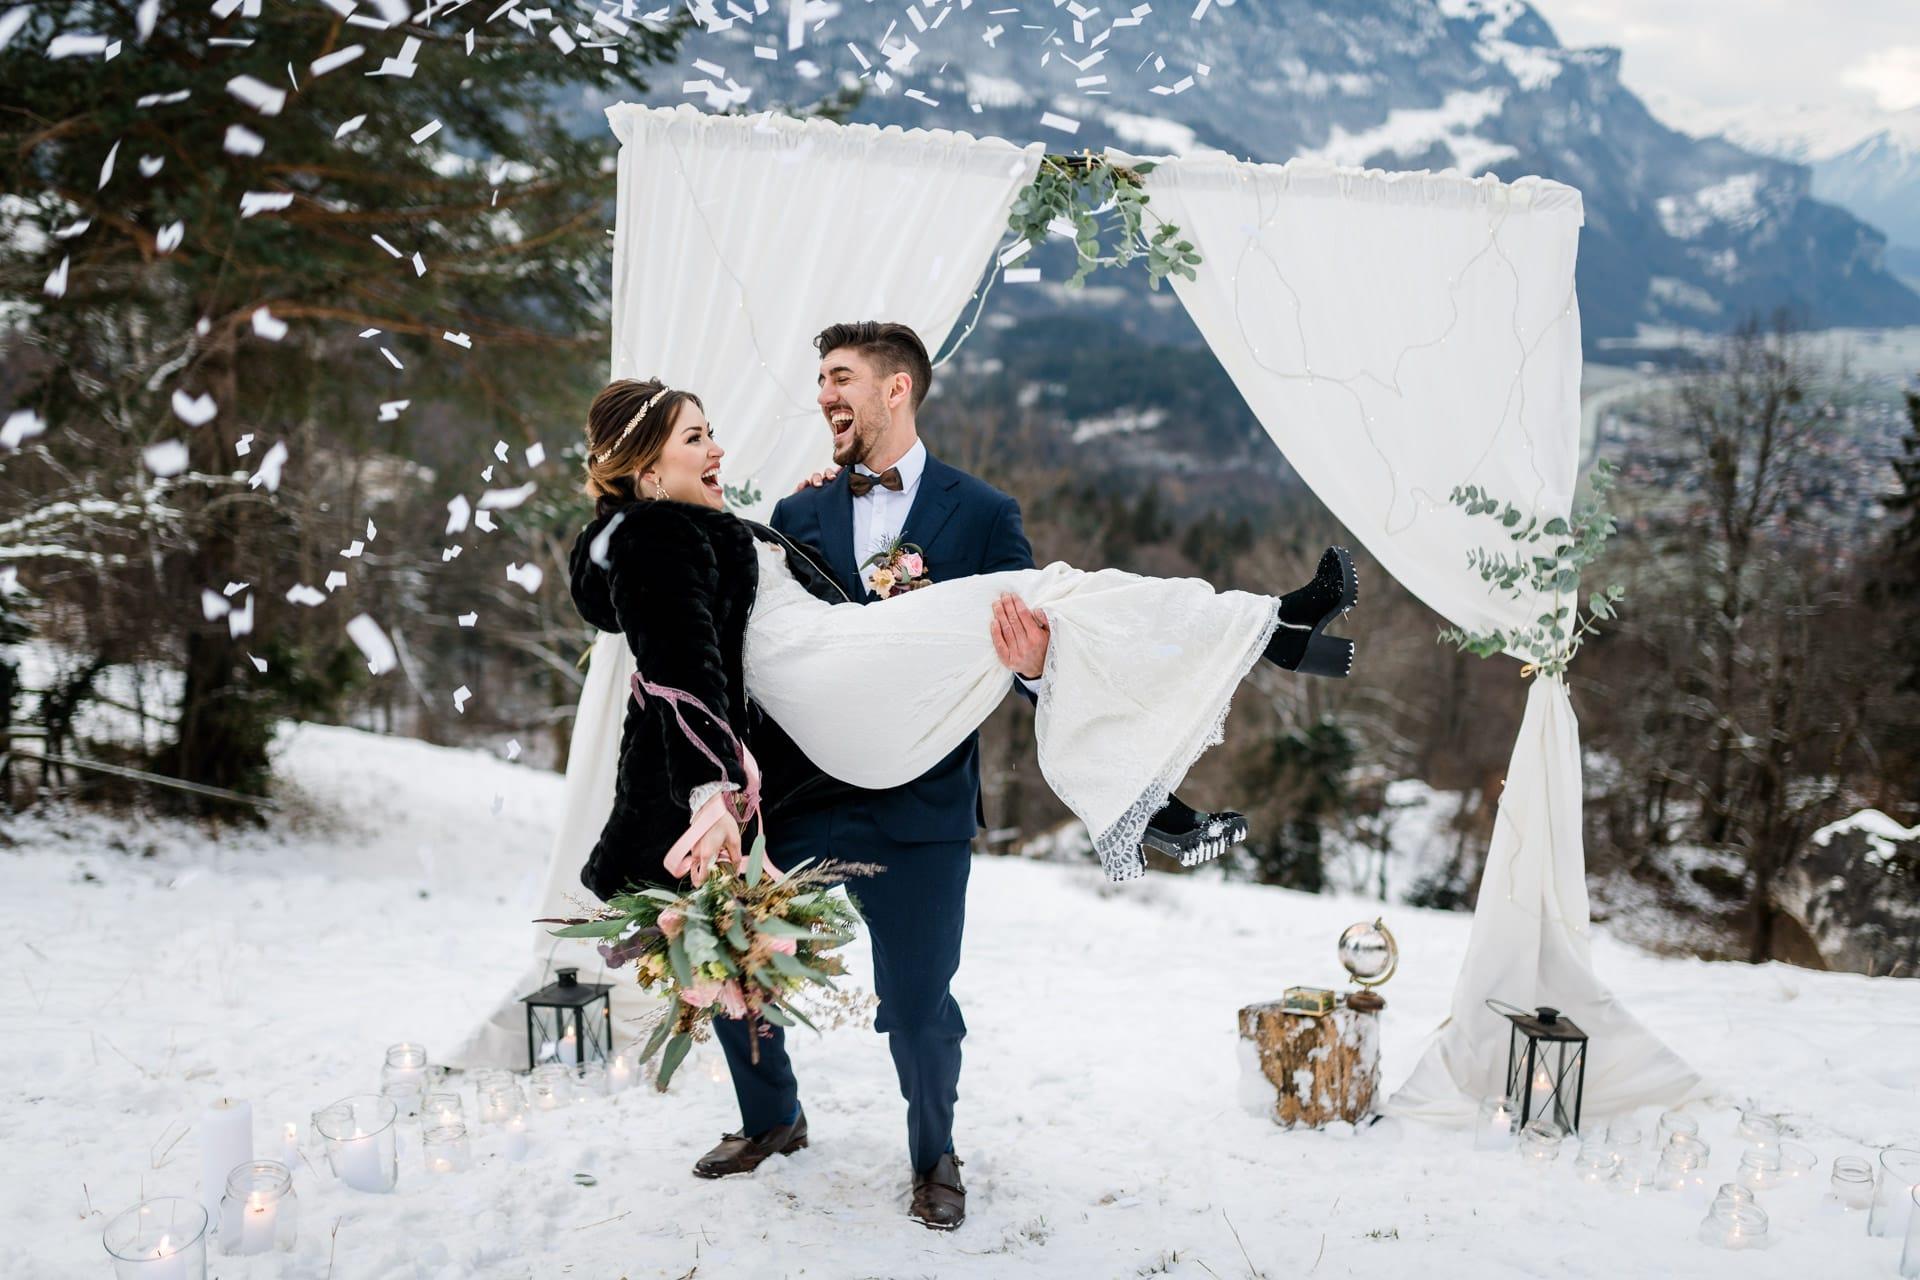 Bräutigam trägt seine Braut auf den Händen nach der Winterhochzeit in den Schweizer Bergen